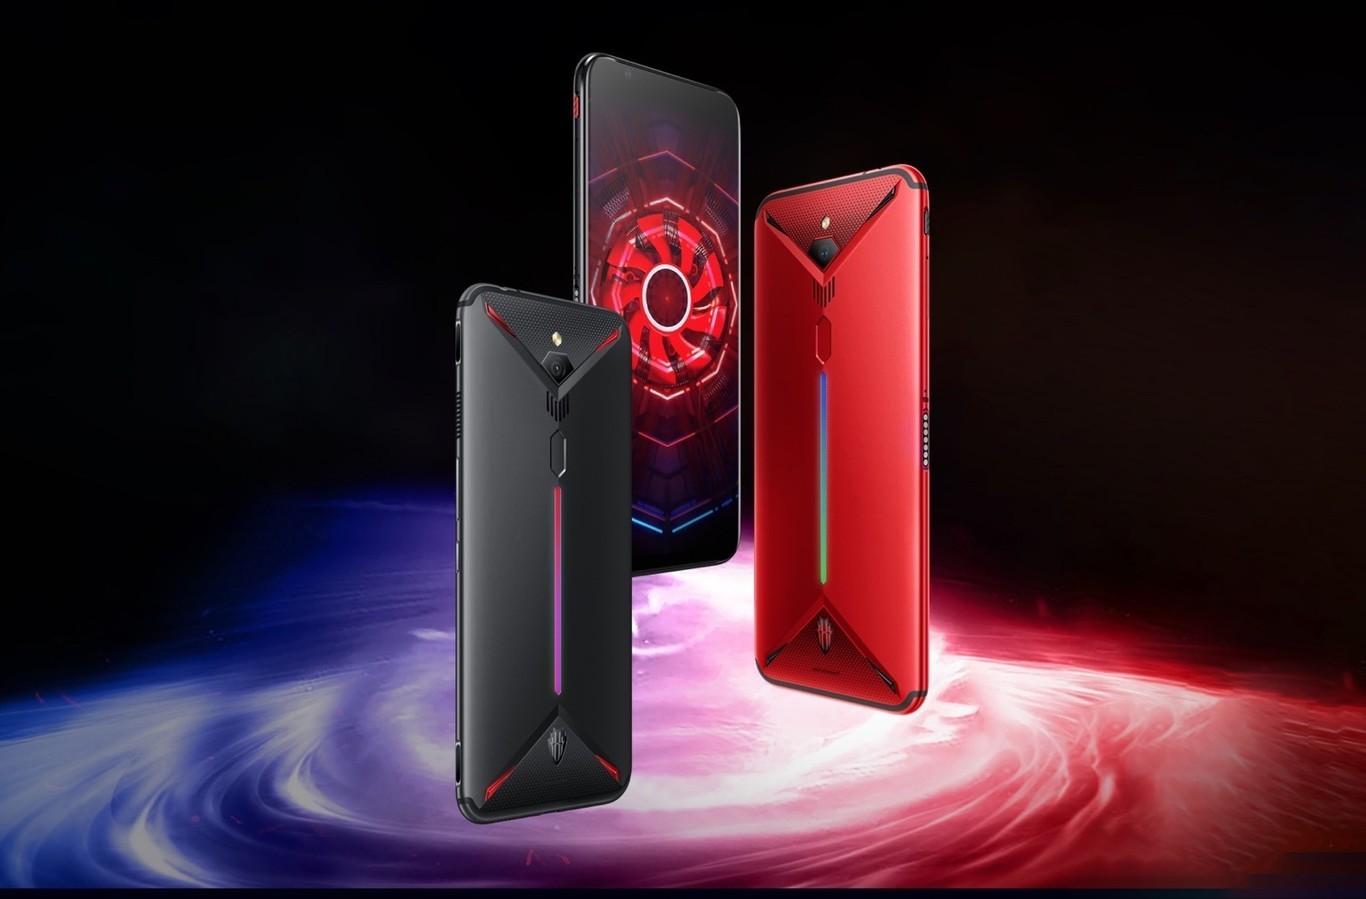 Los 5 mejores móviles para jugar en 2020